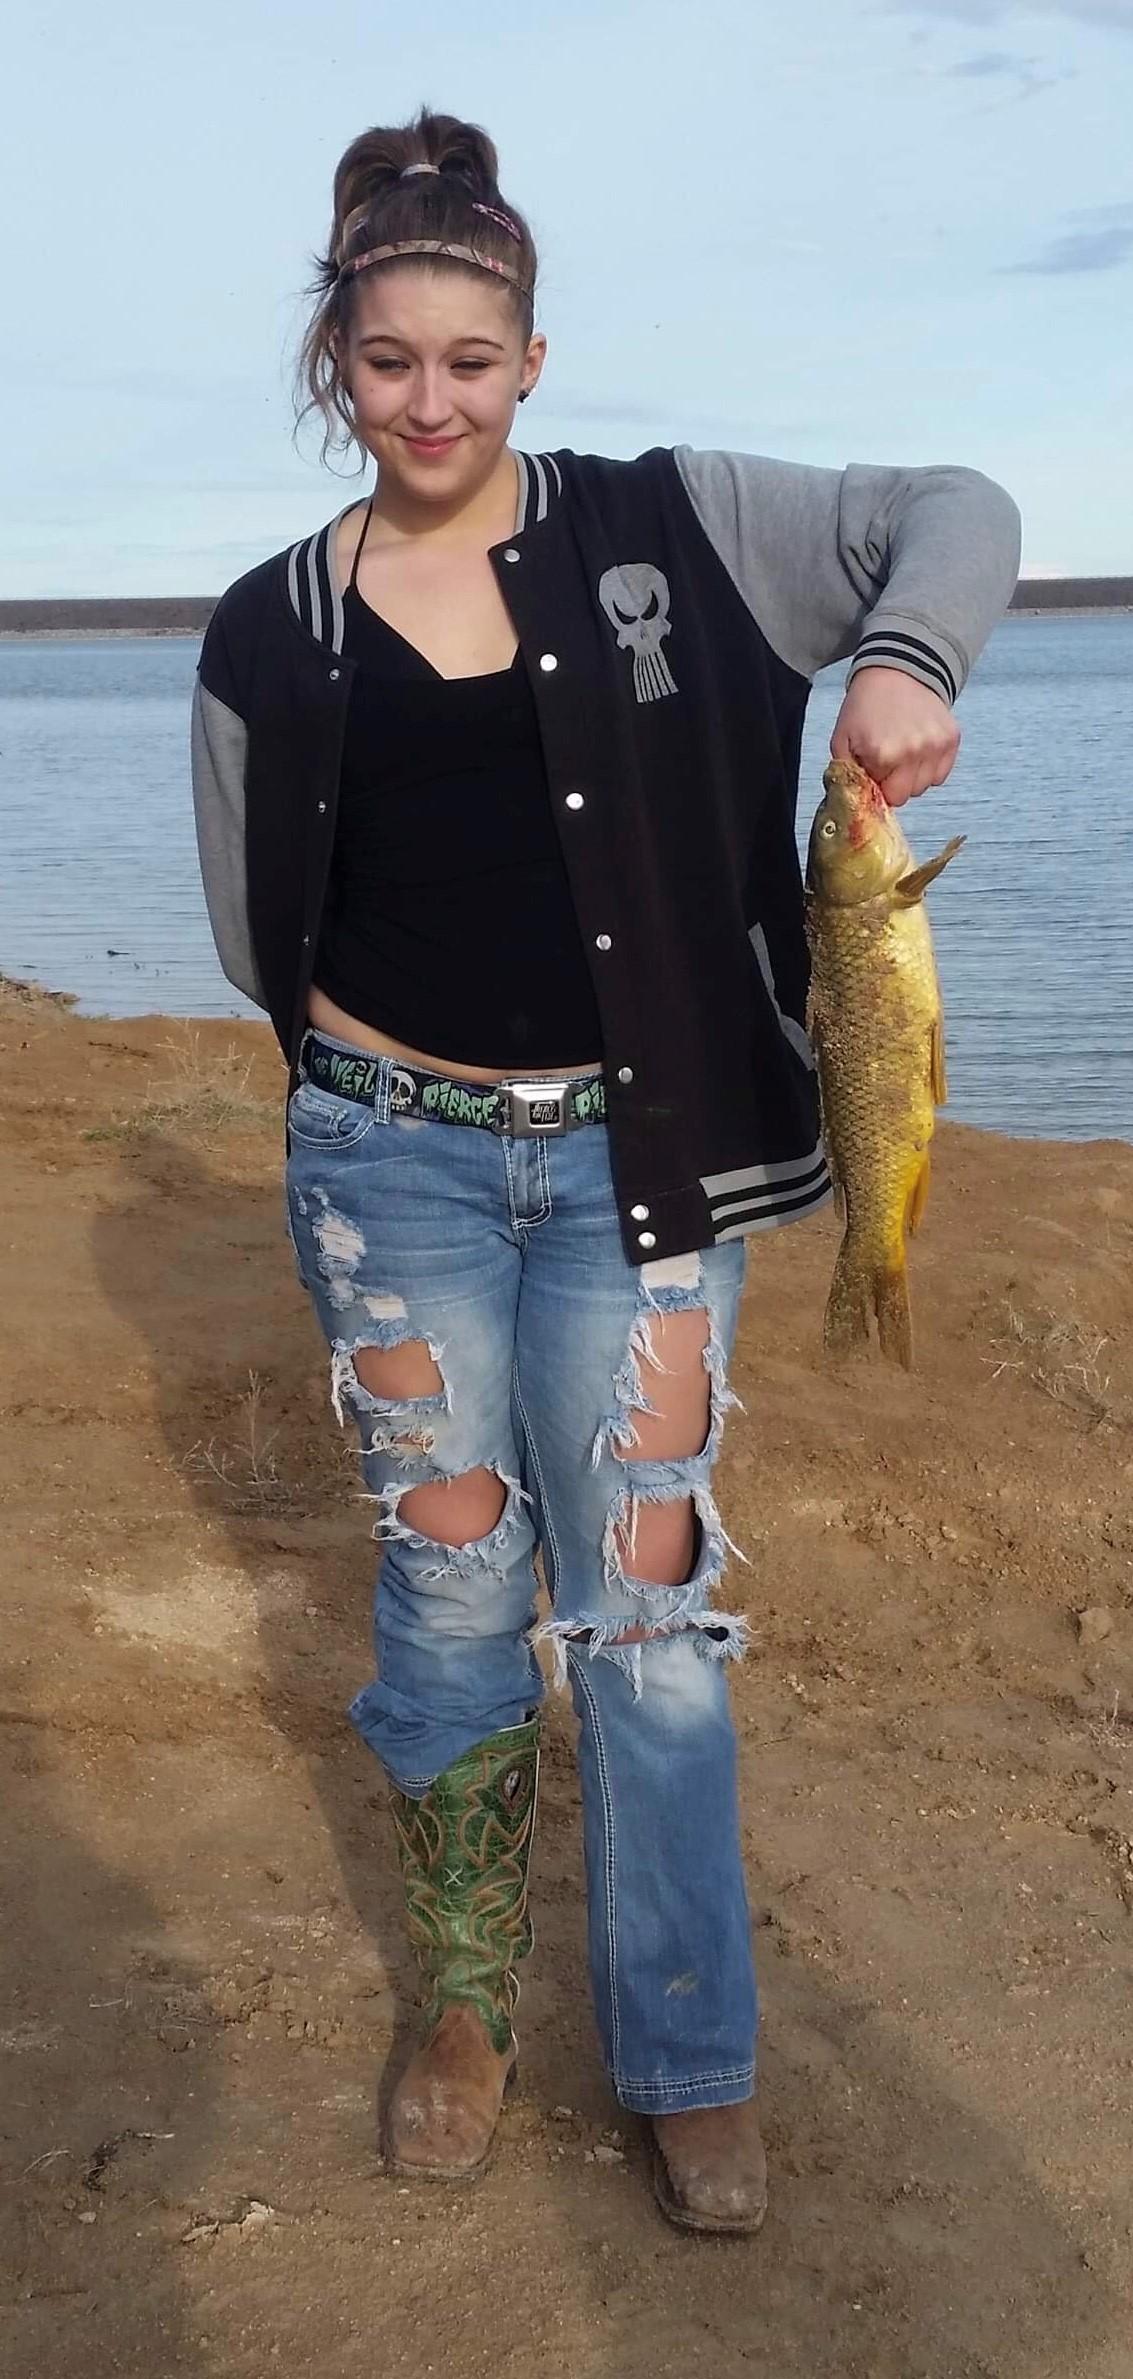 sex dating in whiteclay nebraska